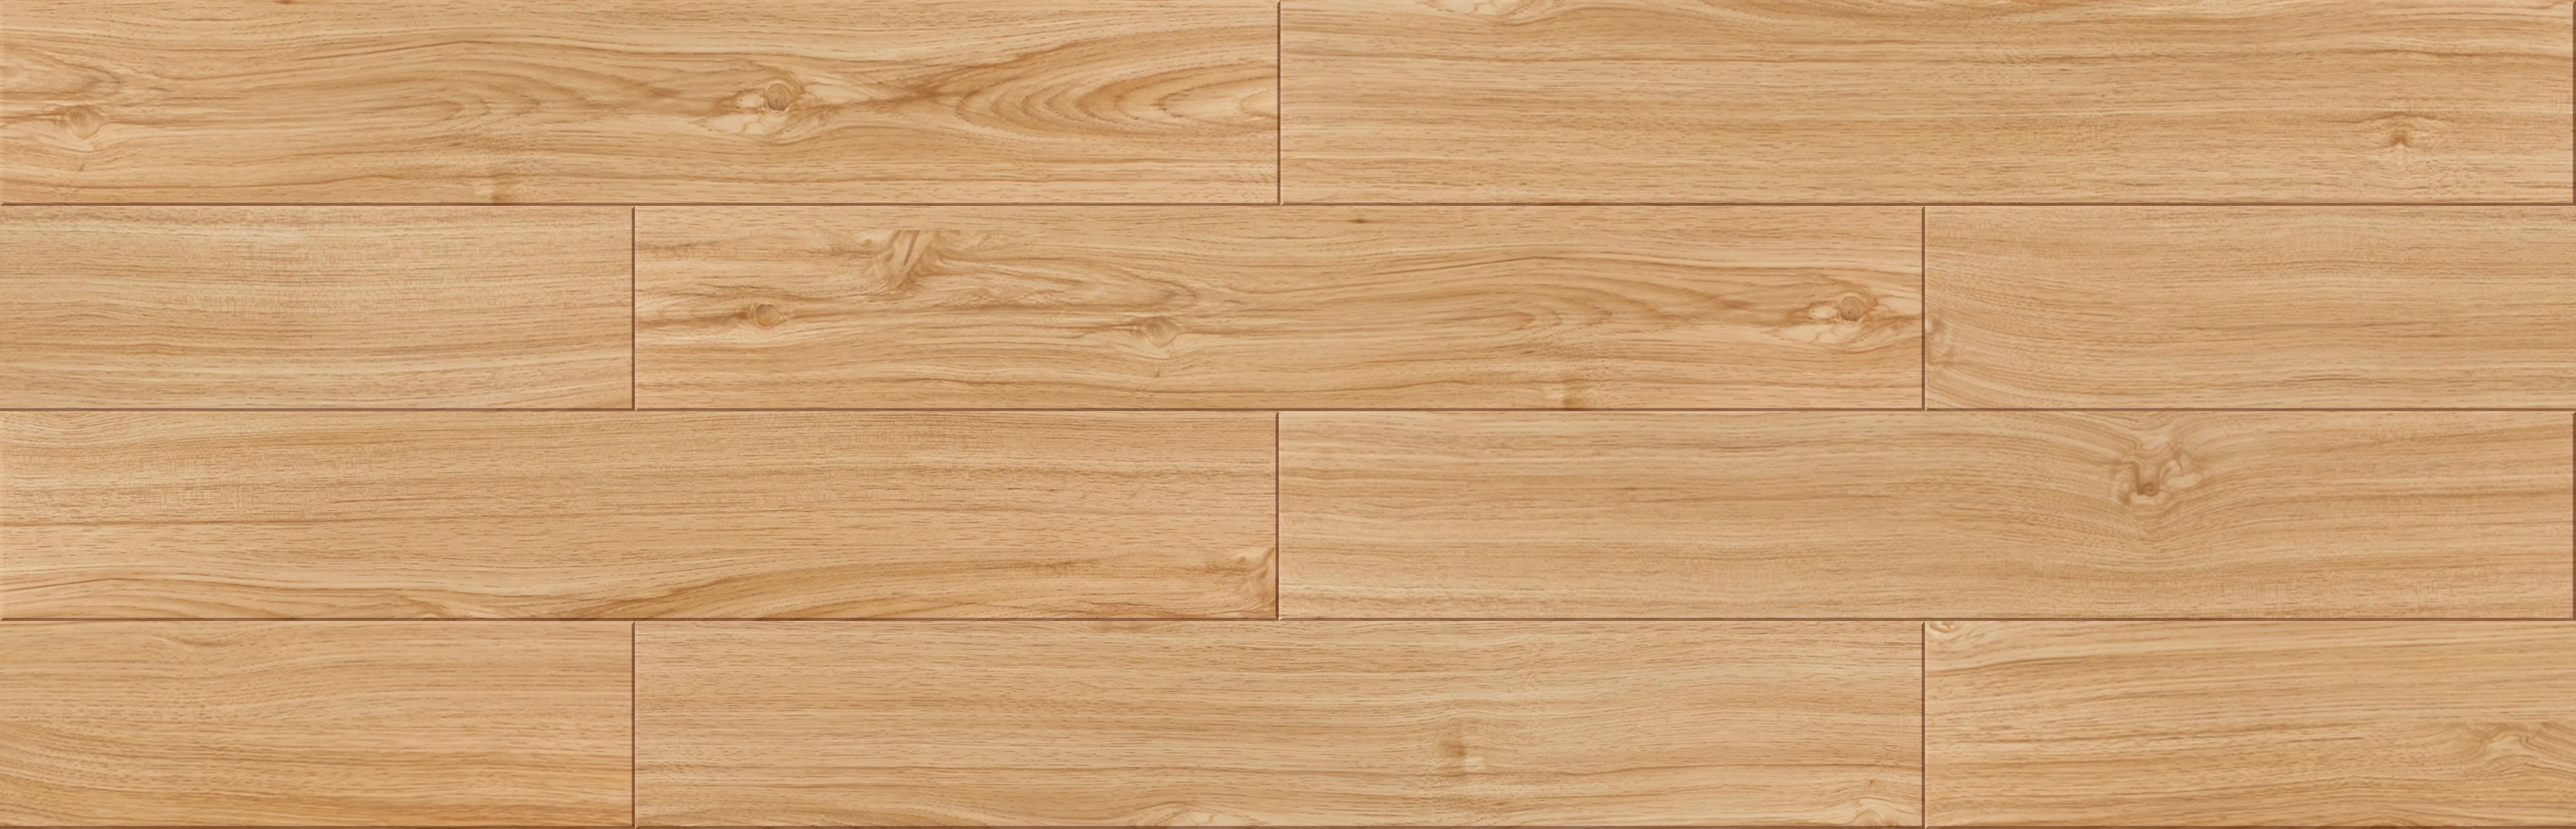 木材-木地板